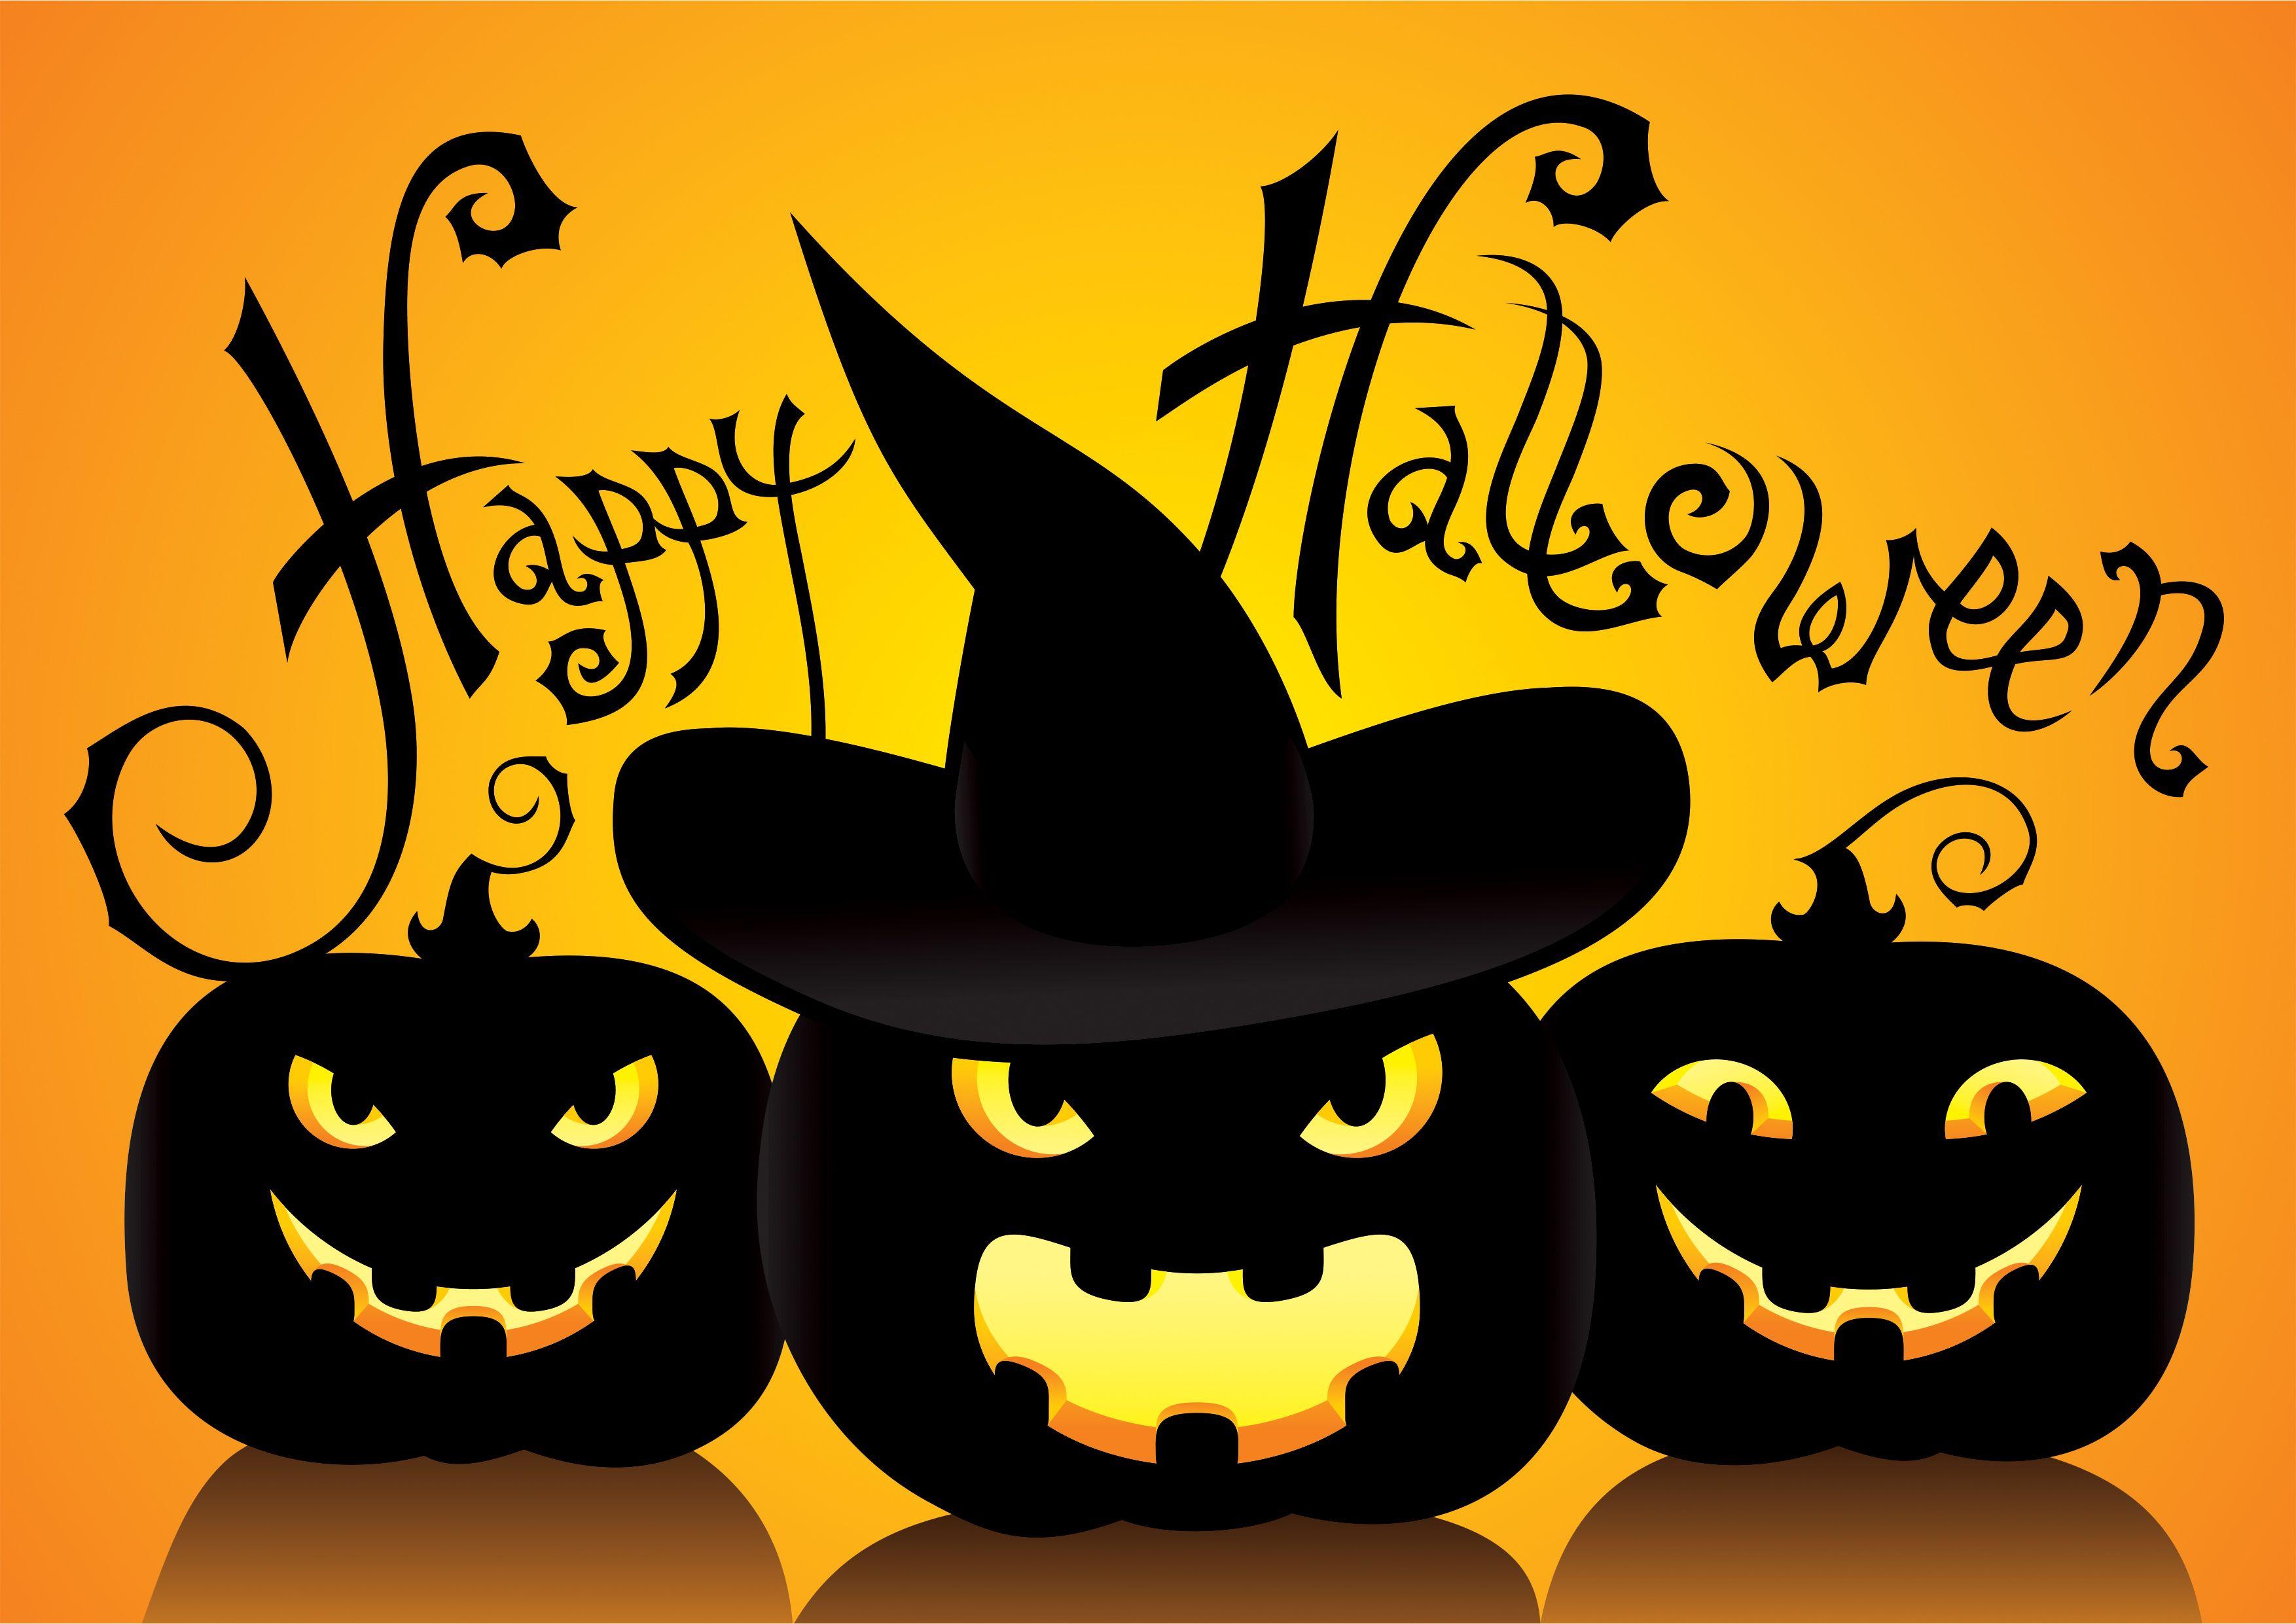 Ab Dienstag, 27. Oktober, steht das Gugg im Zeichen des All Hallows' Eve.